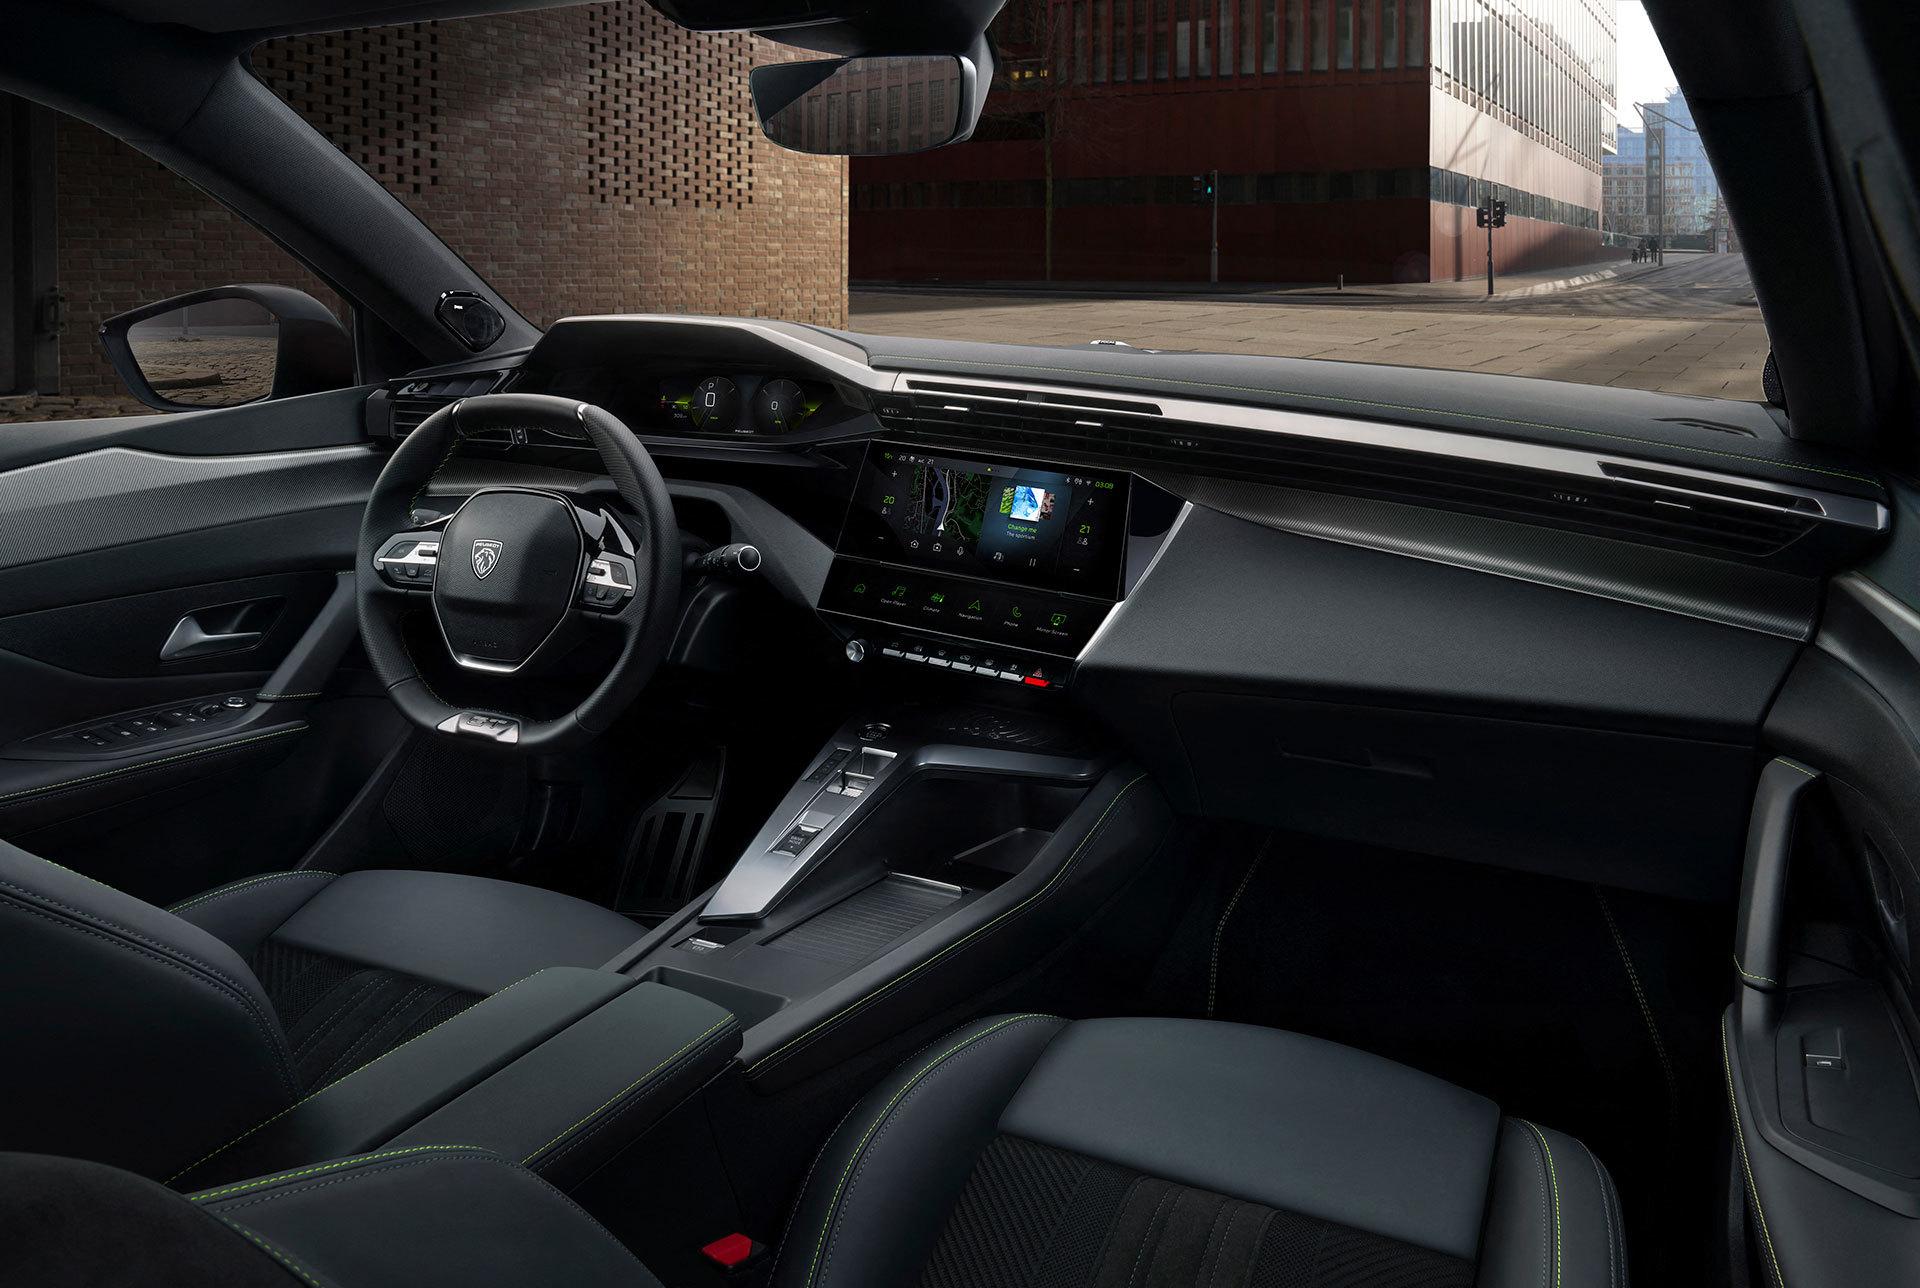 Peugeot 308 2021 Interior 01